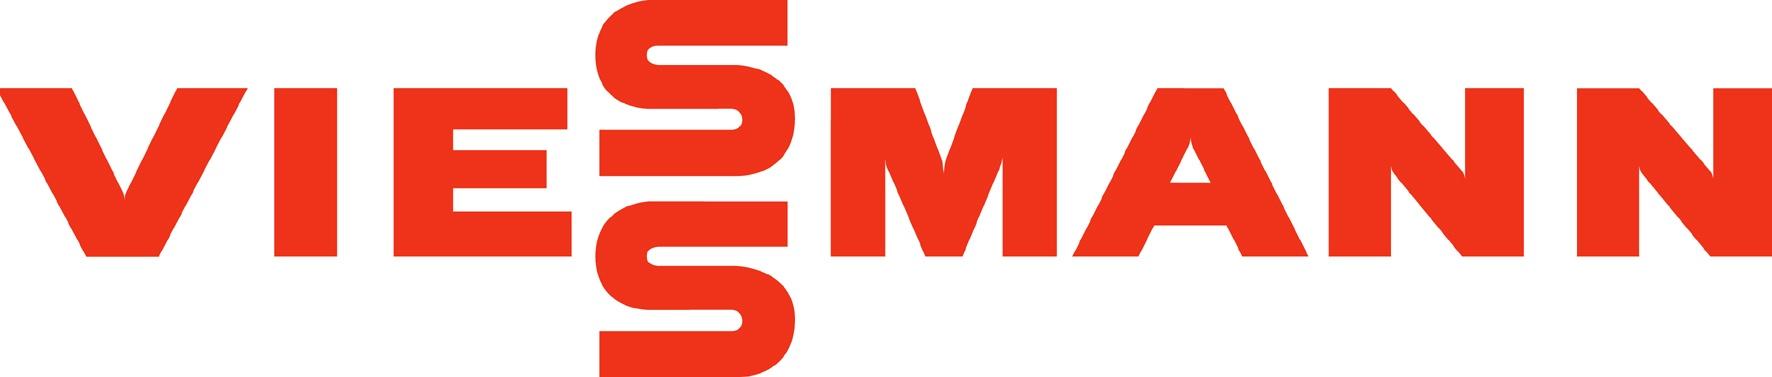 viessmann-logo.jpg